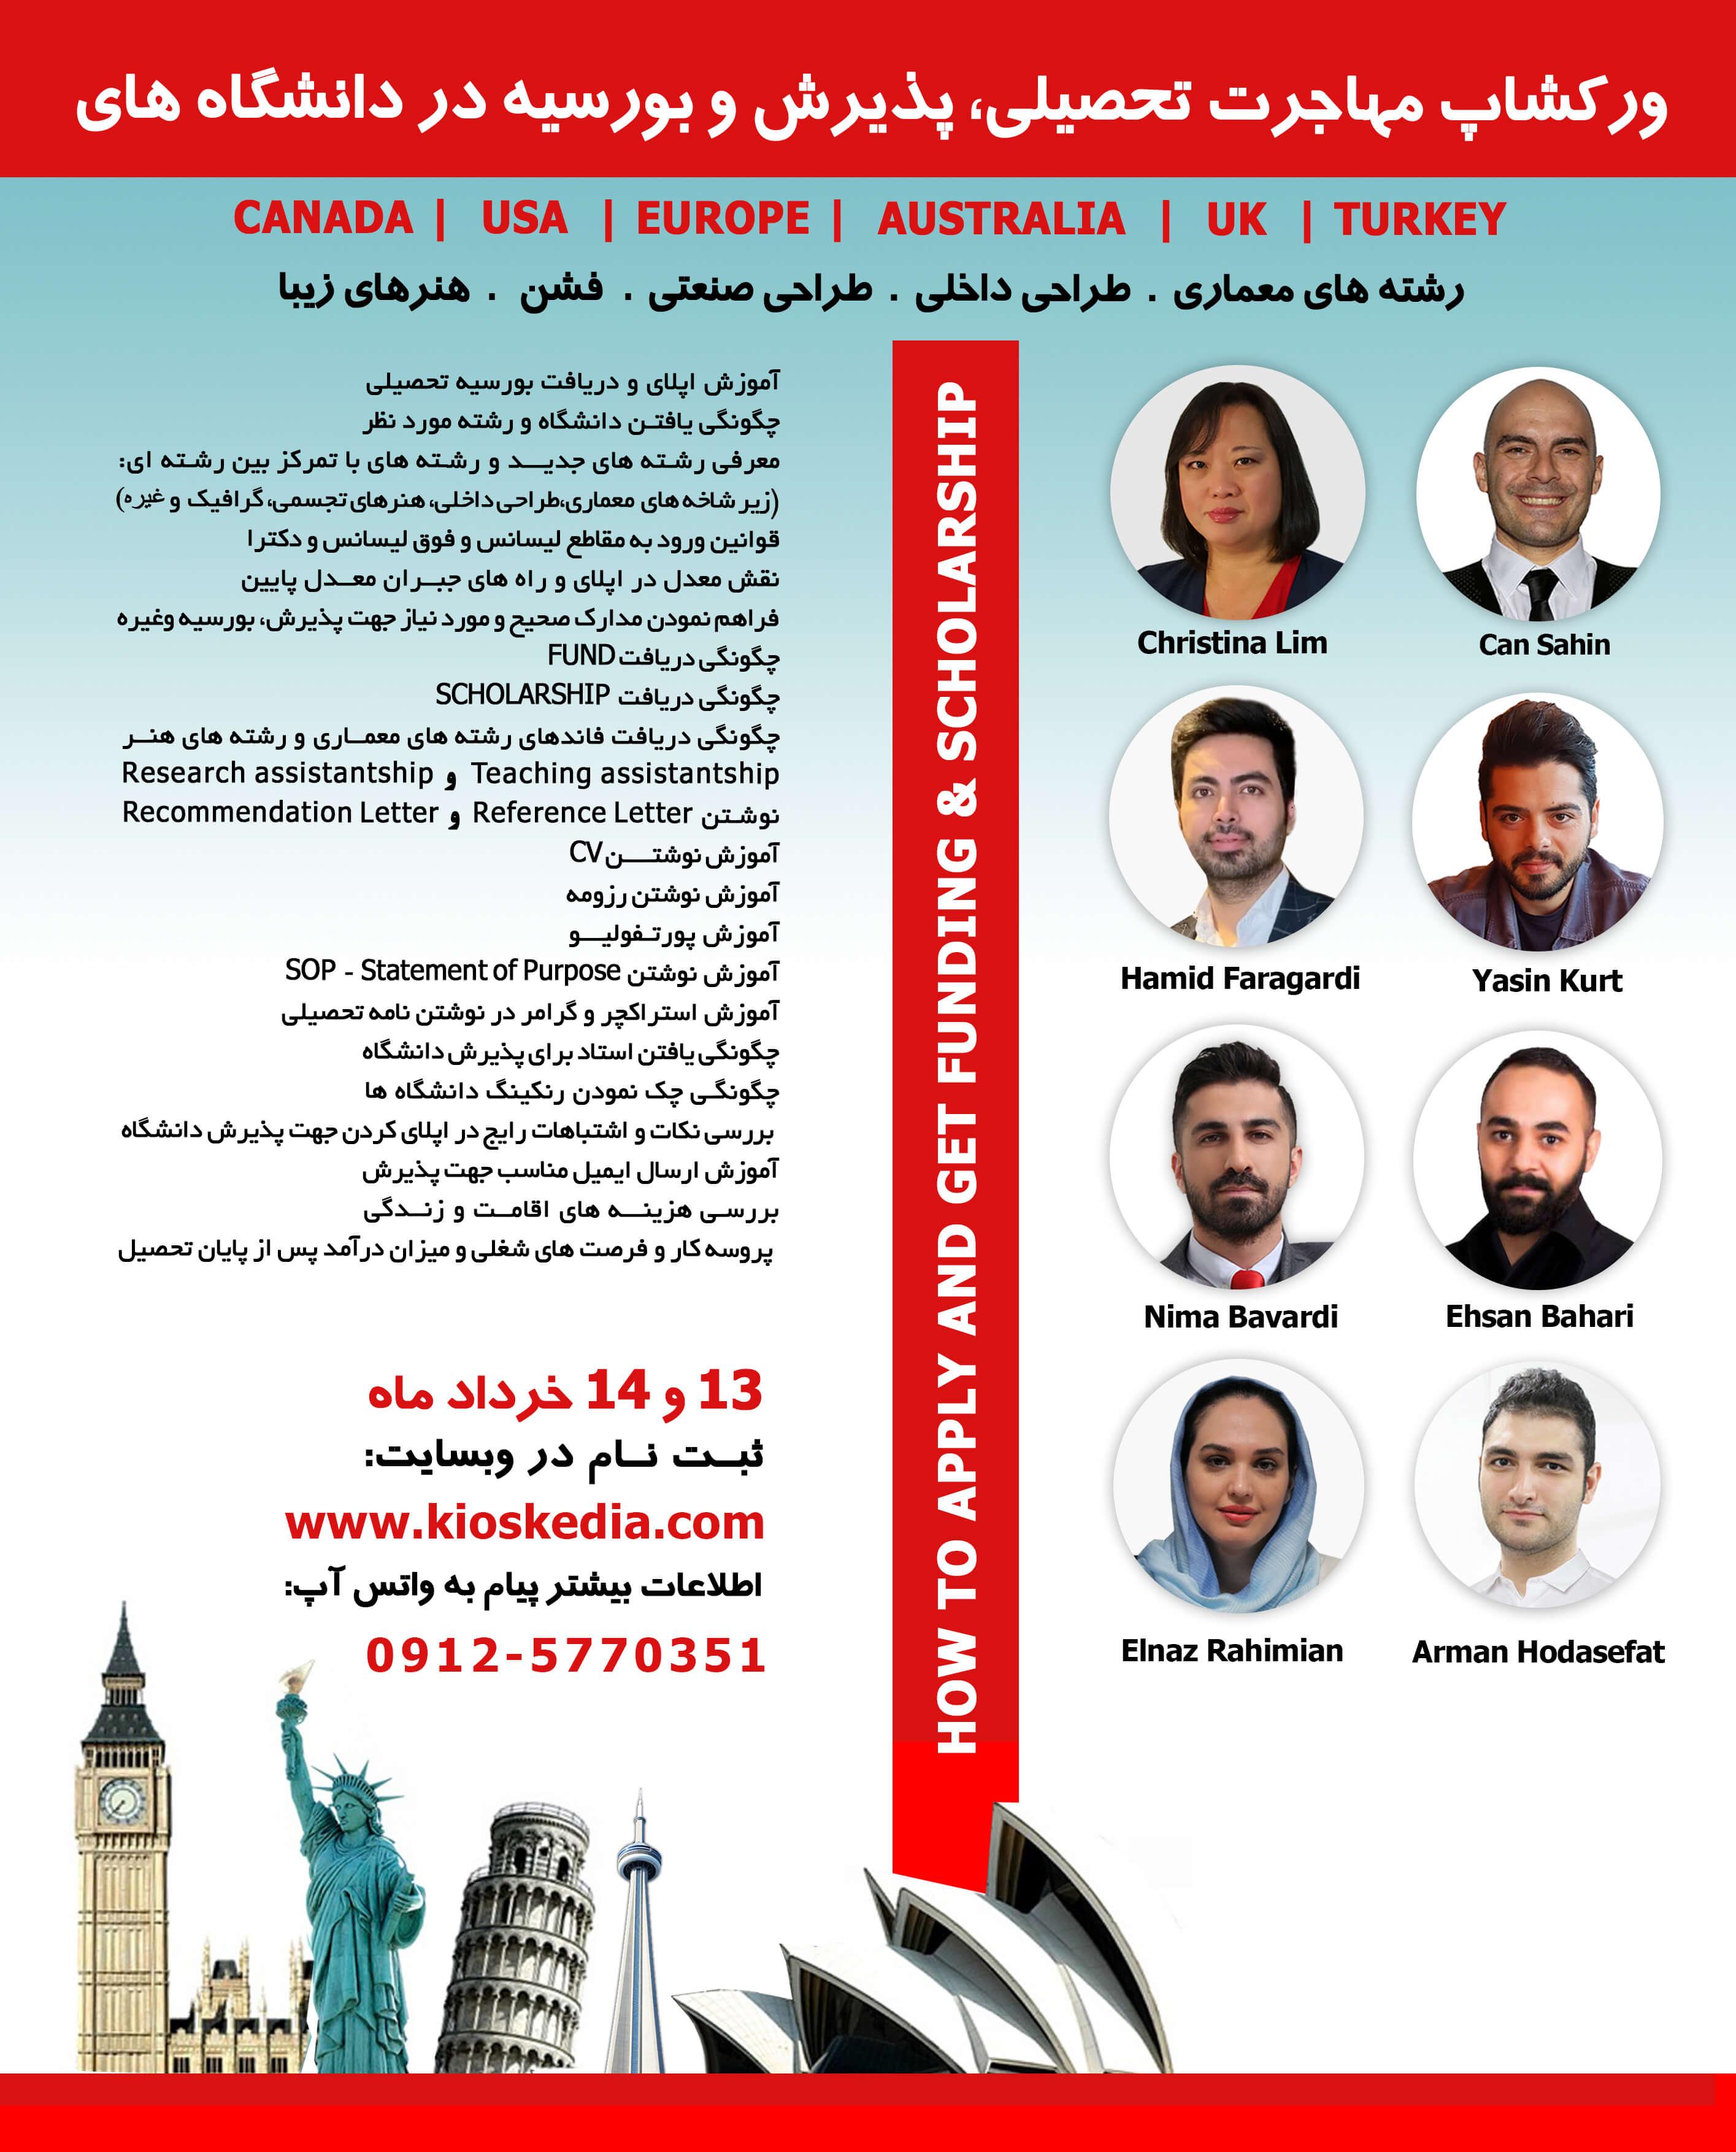 ورکشاپ مهاجرت تحصیلی، پذیرش و بورسیه در دانشگاه های خارج ایران (2 روزه)